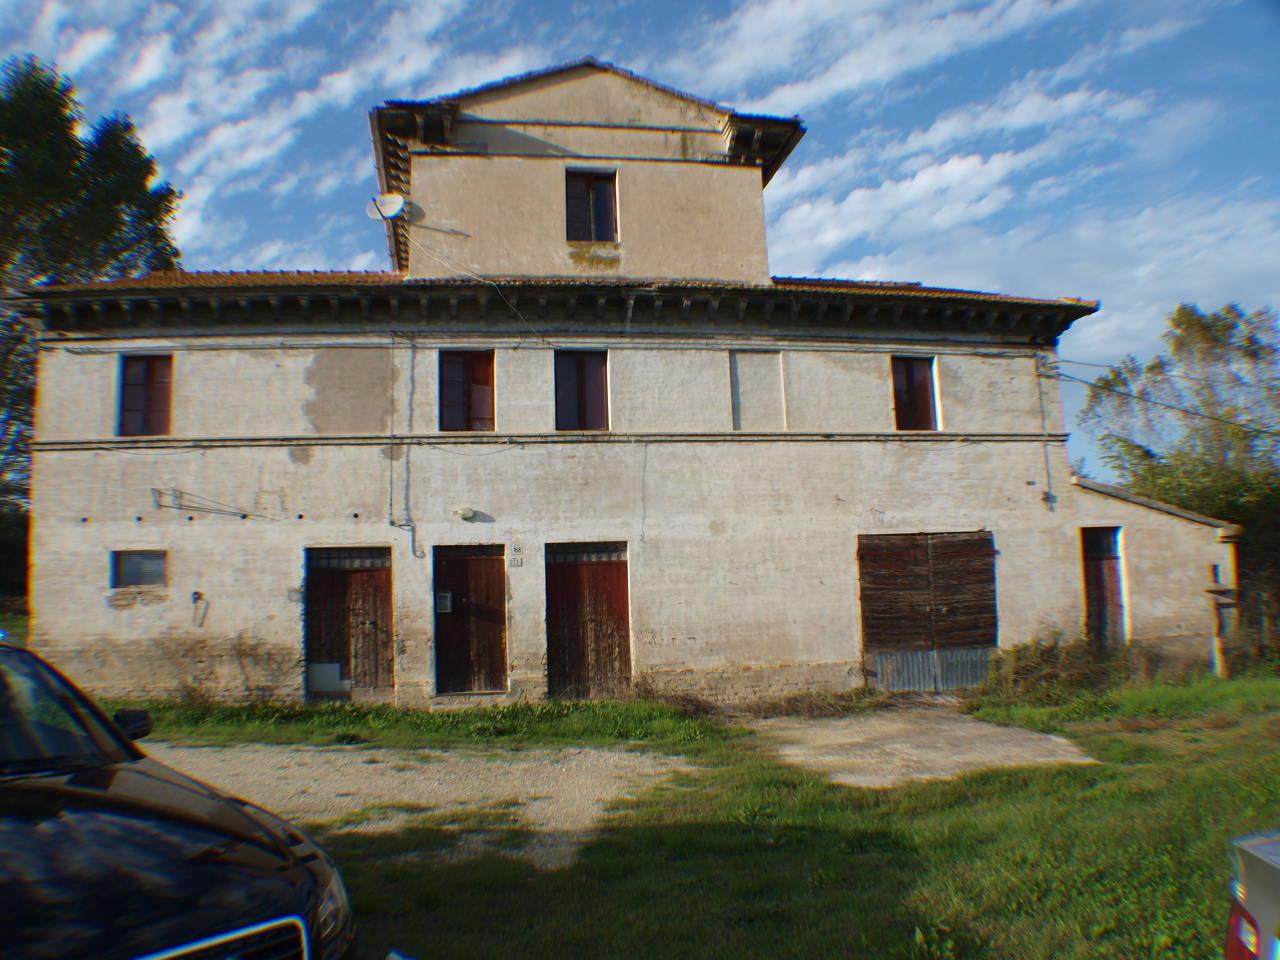 Rustico / Casale in vendita a Senigallia, 9999 locali, prezzo € 320.000 | Cambio Casa.it